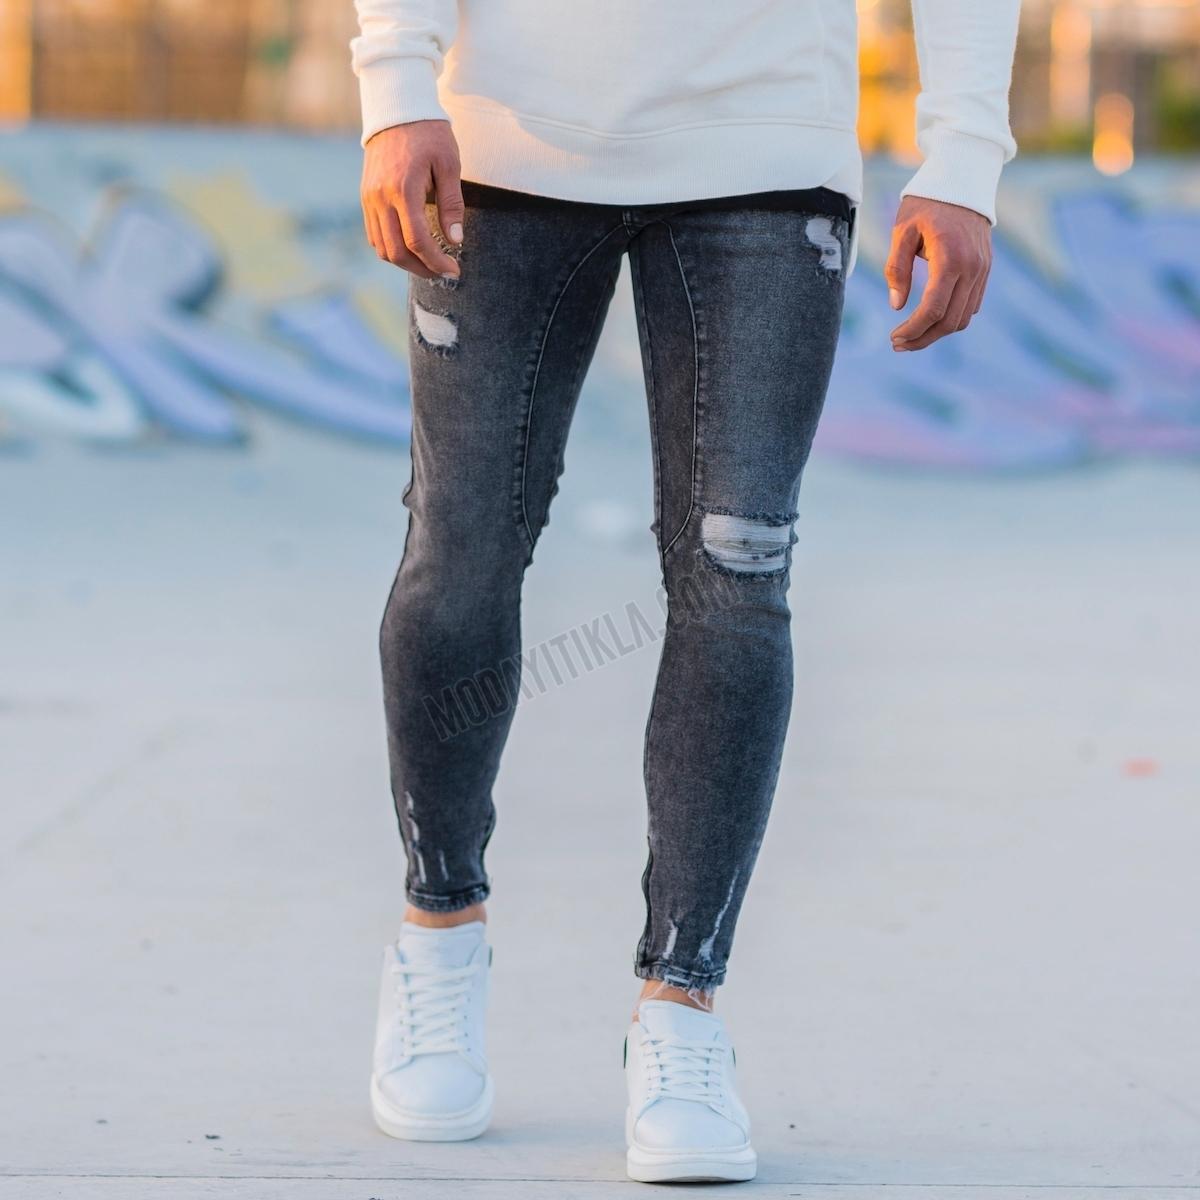 Erkek Paçası Yırtıklı Taşlamalı Gri Kot Pantolon